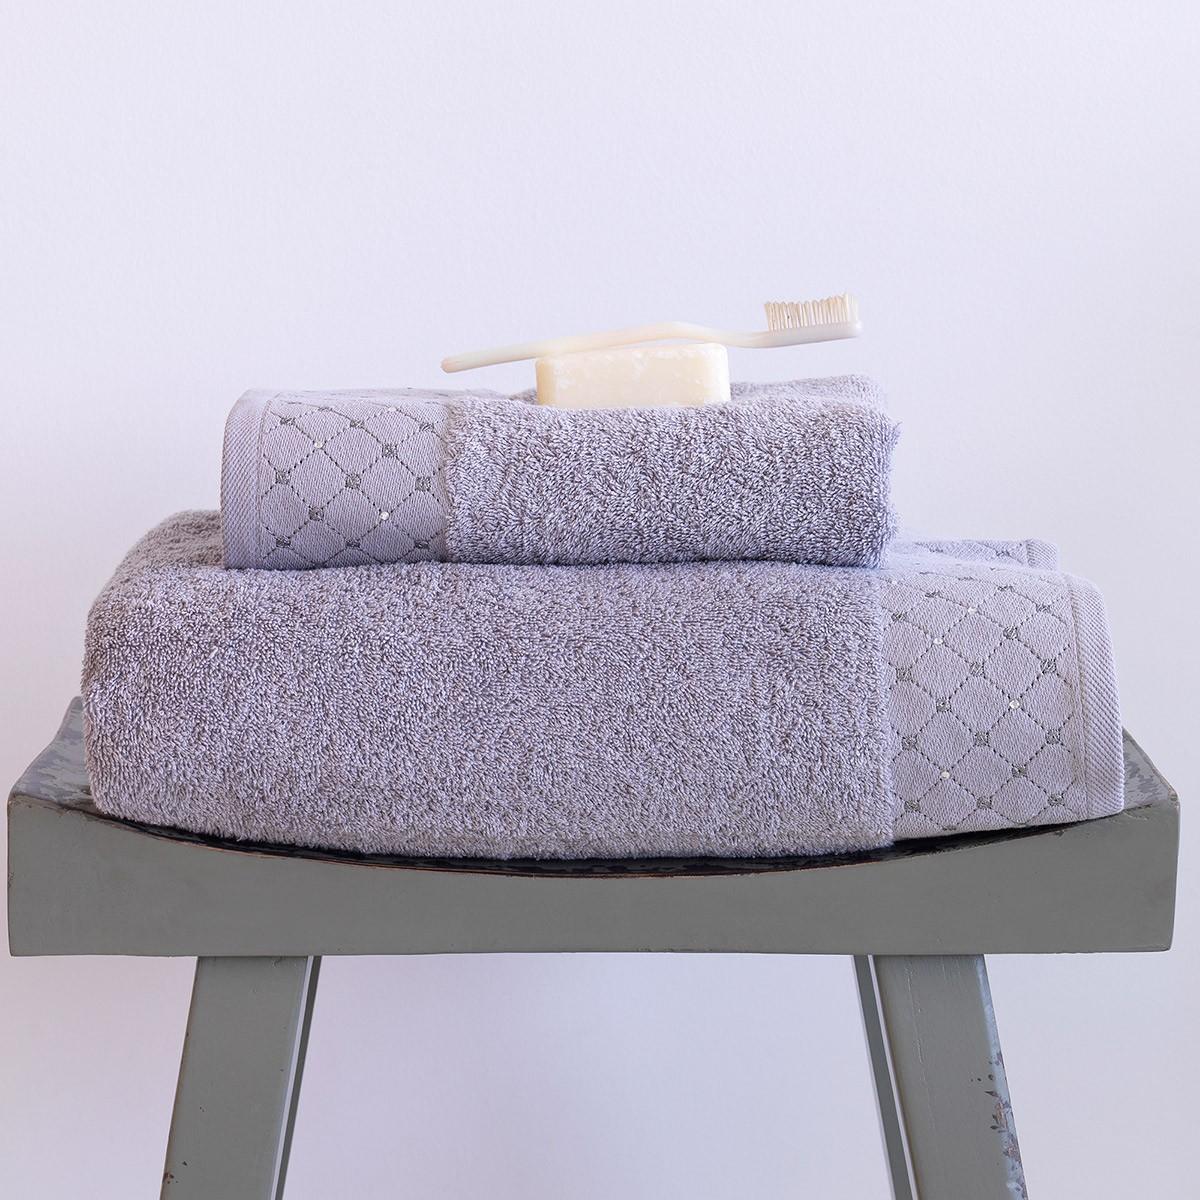 Πετσέτες Μπάνιου (Σετ 2τμχ) Sb Home Domino Silver